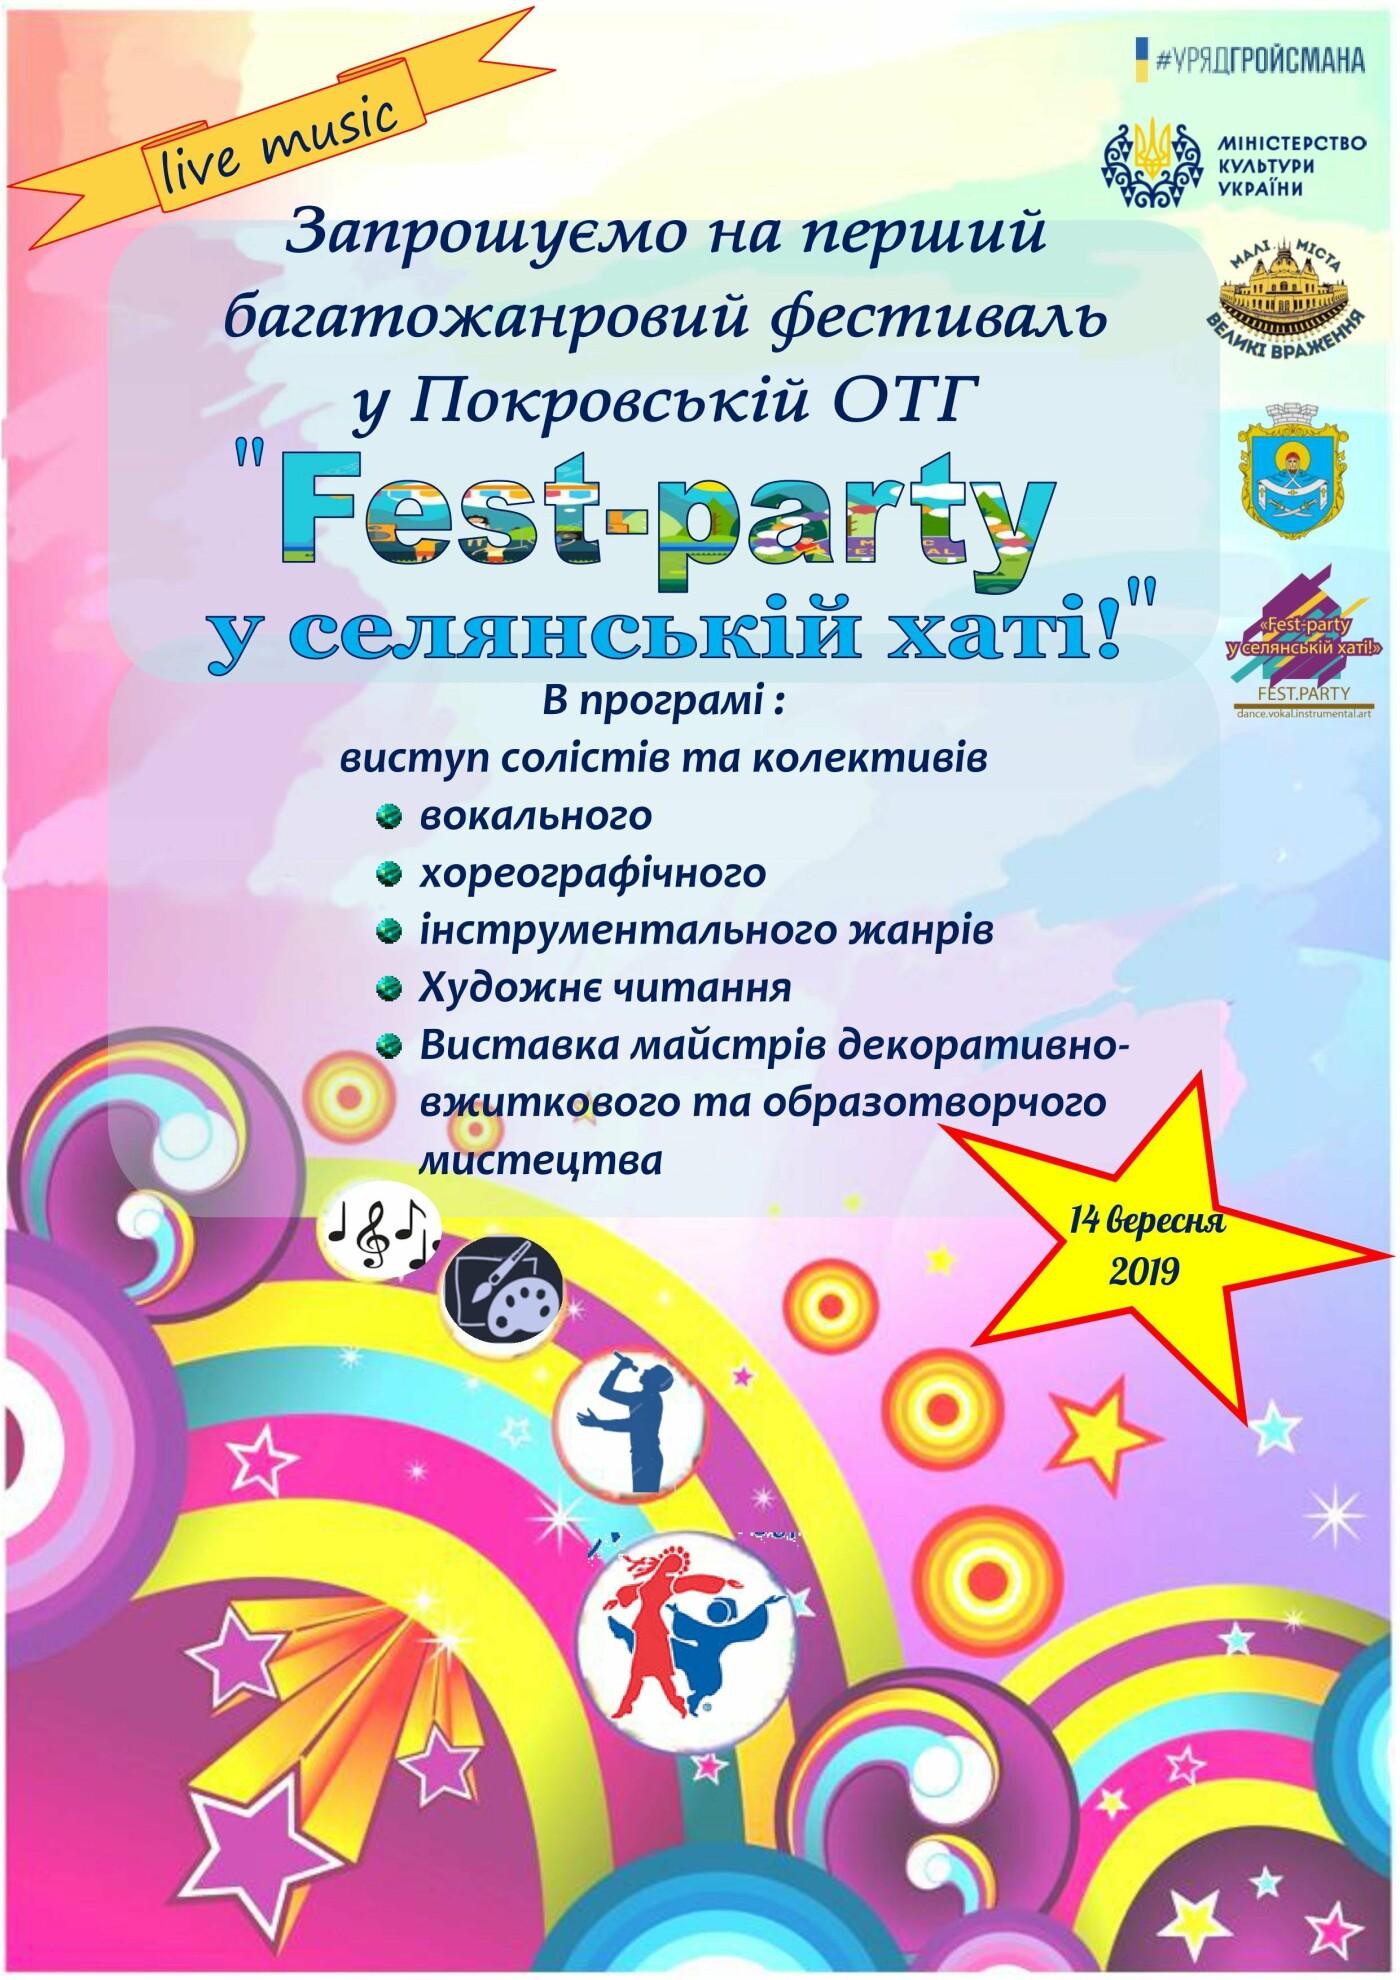 В Днепропетровской области пройдет «Fest-party в сельской хате!», фото-1